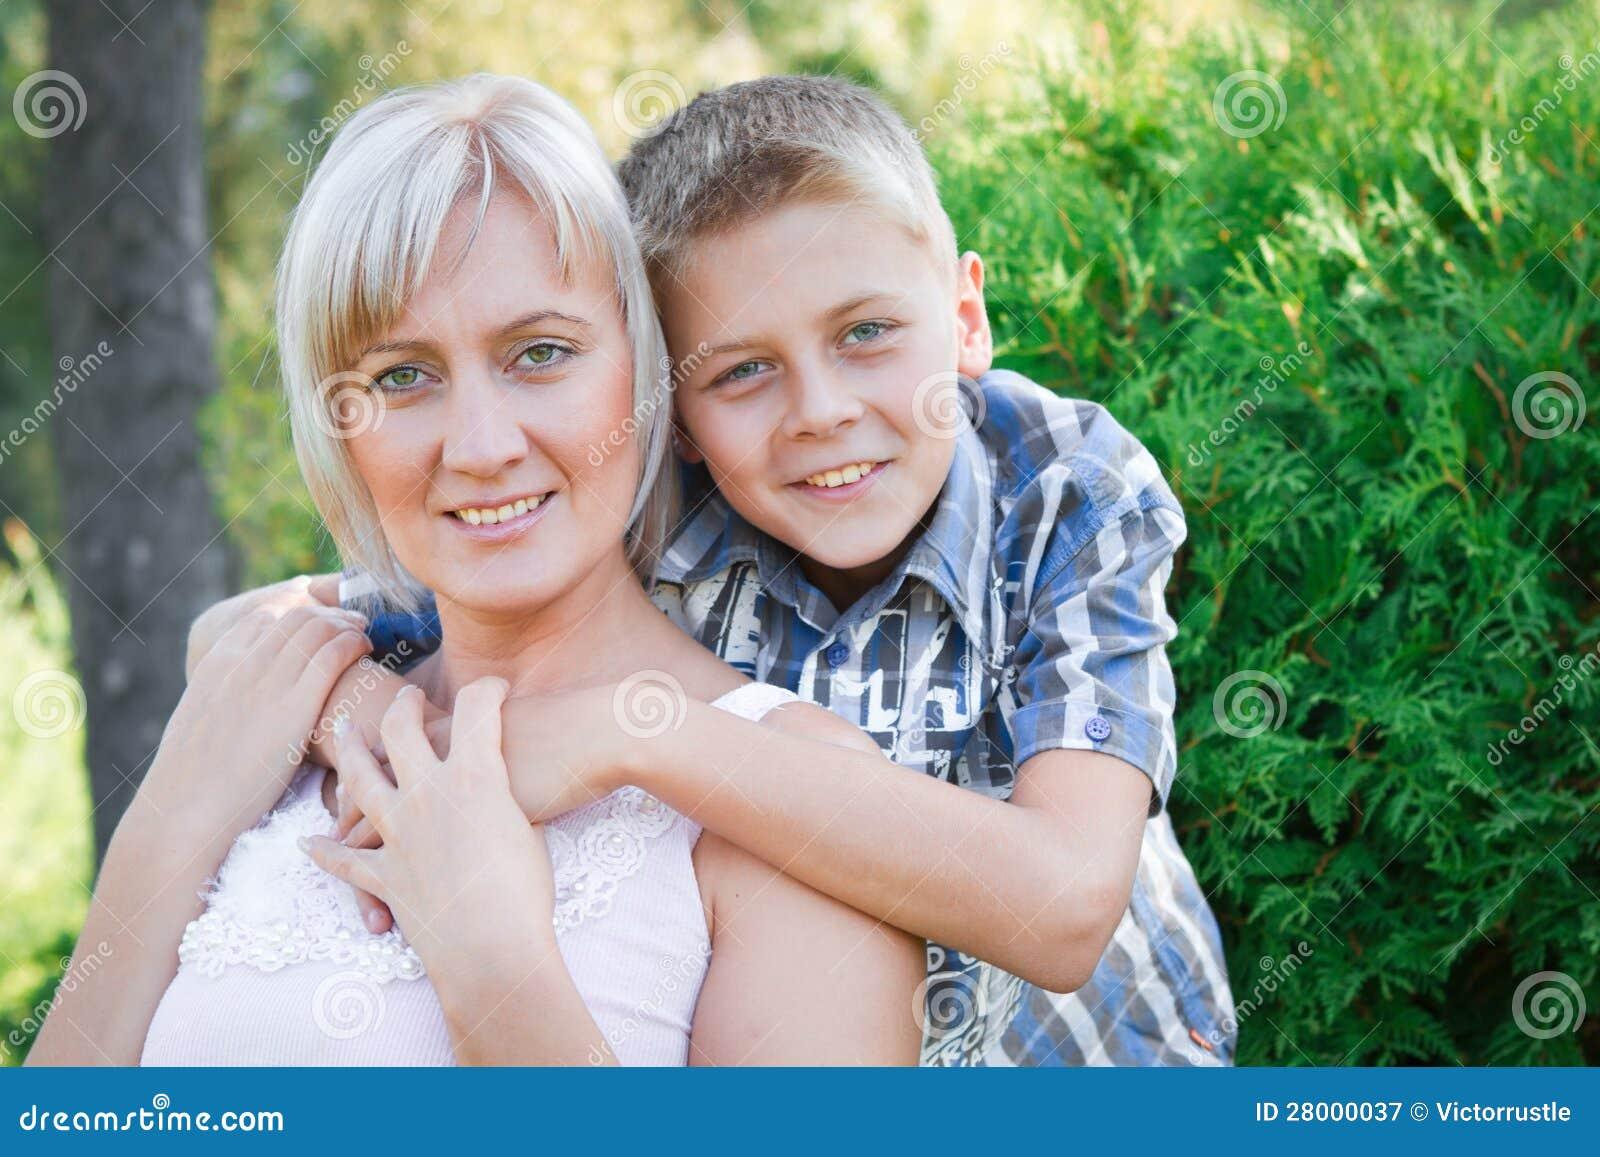 Син ебет свою родную мать, Сын трахнул свою родную мать смотреть онлайн на 19 фотография